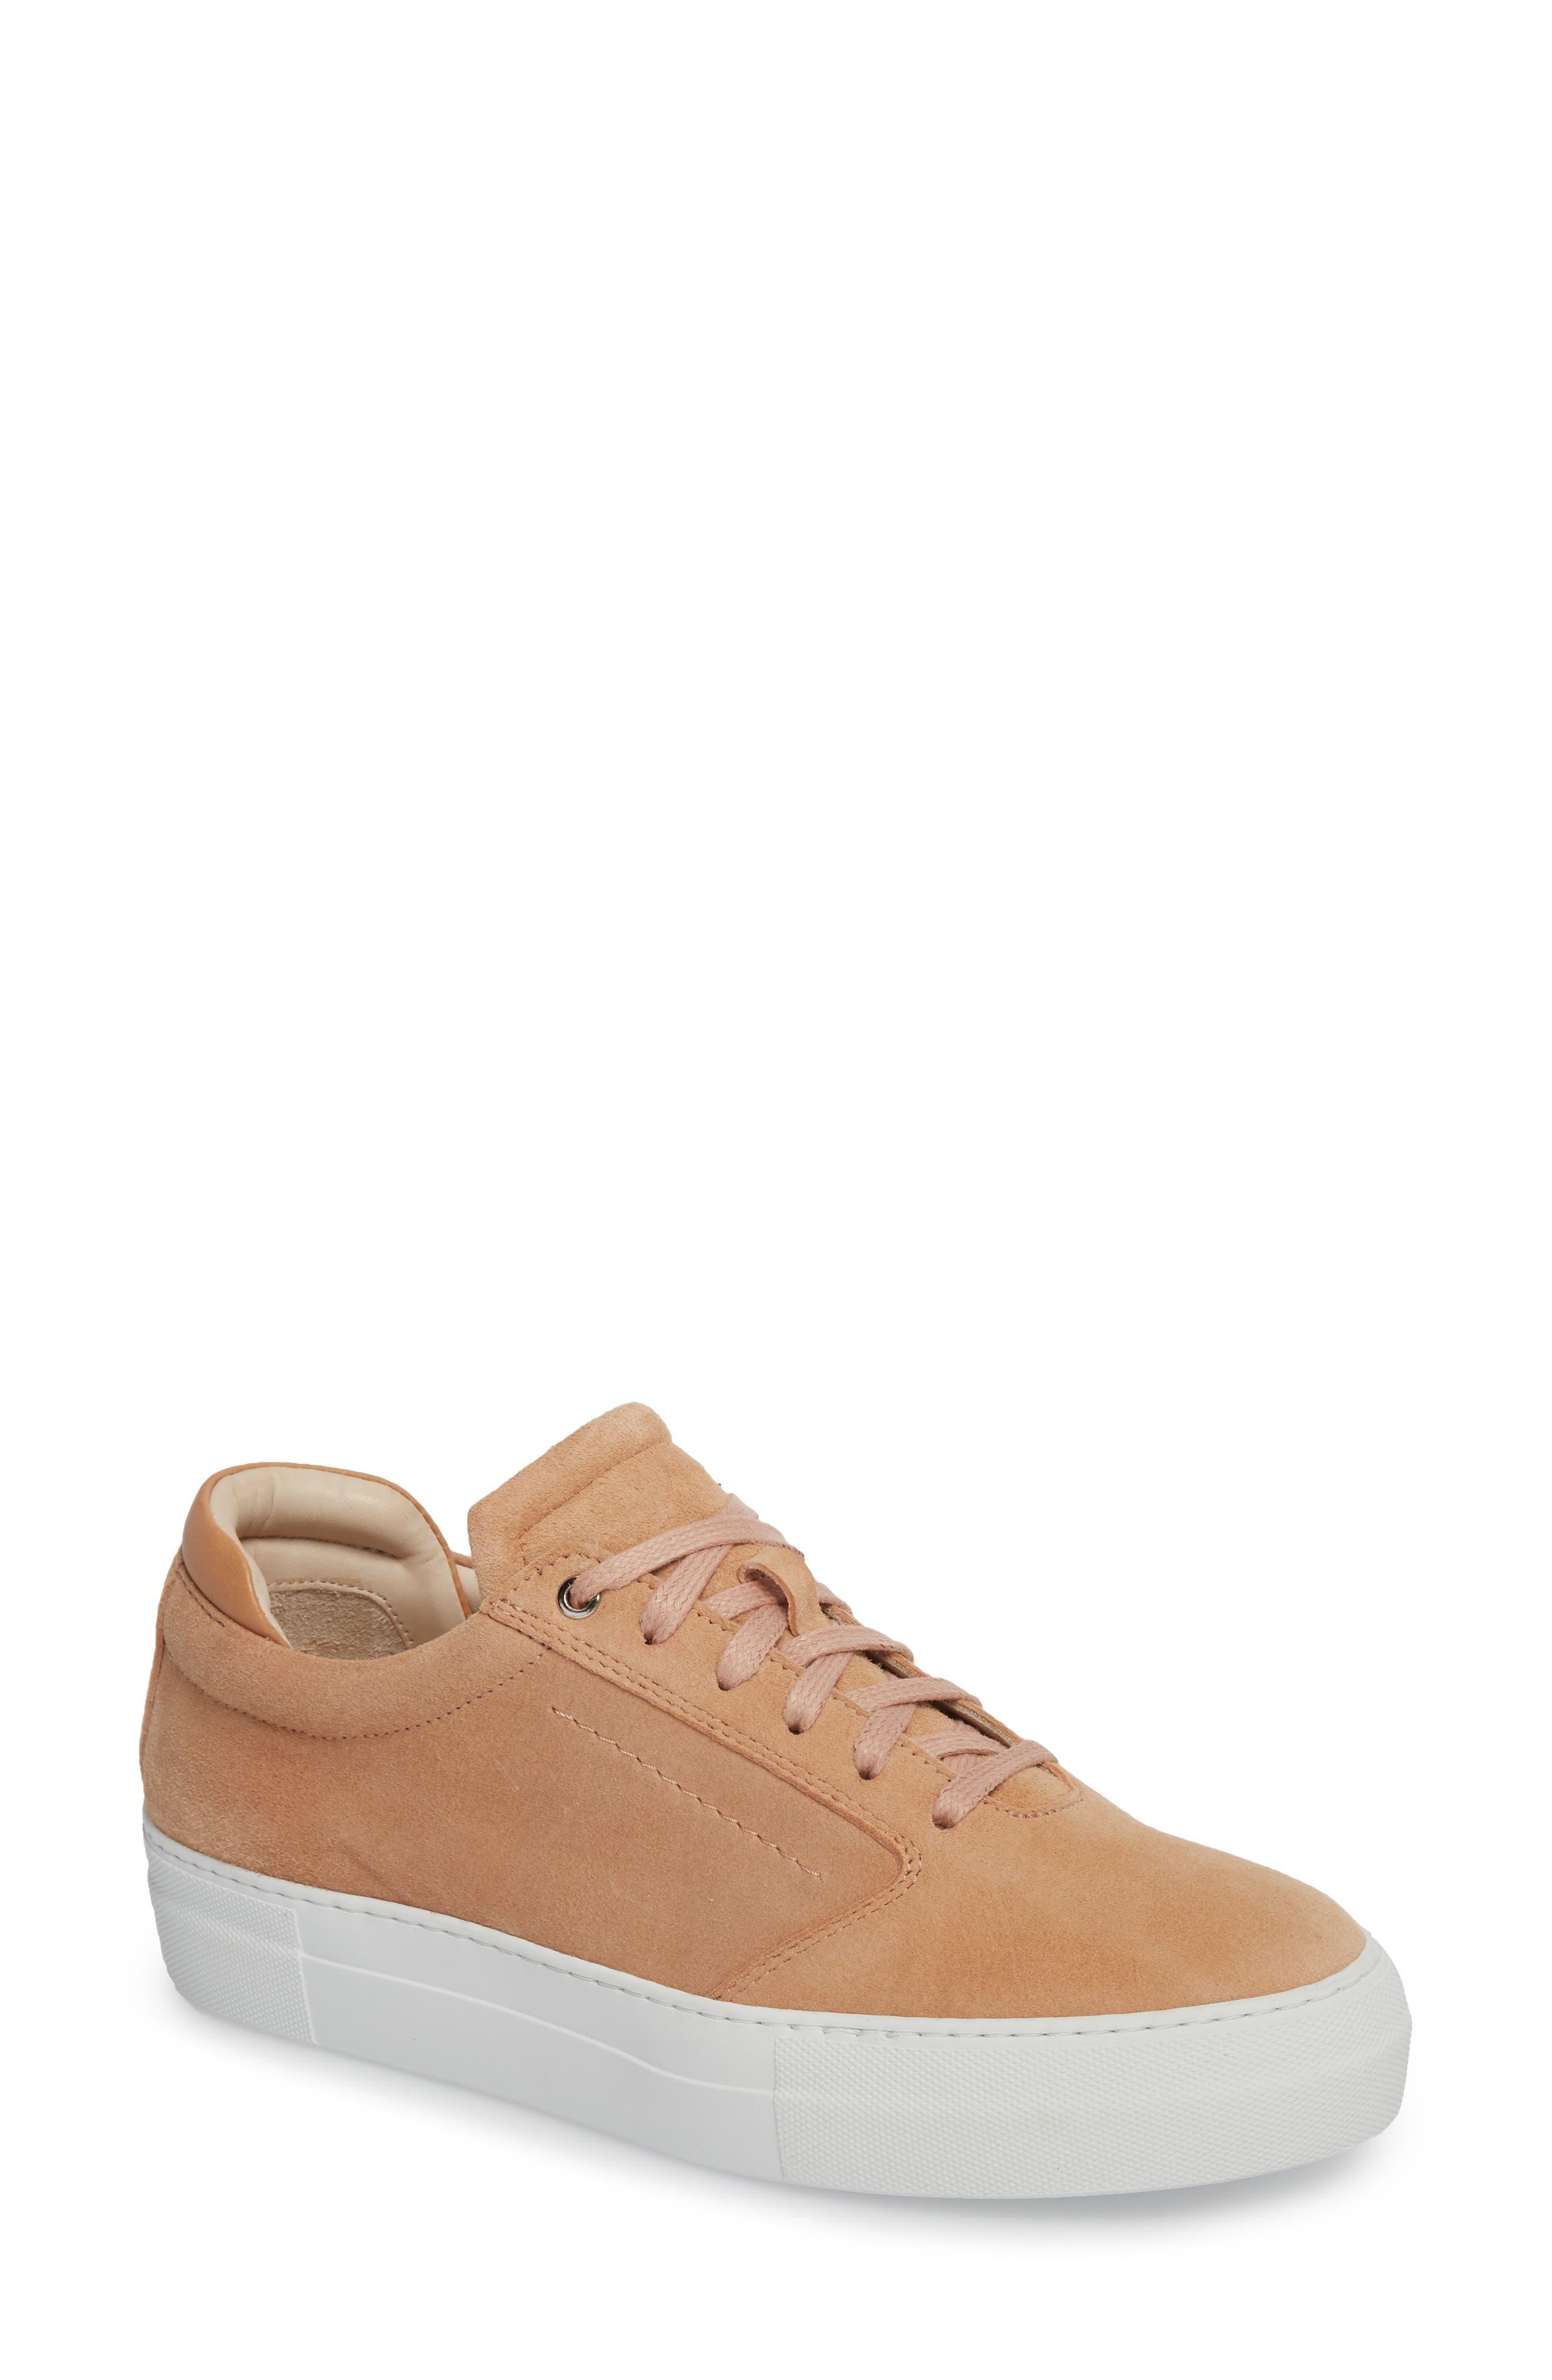 WANT LES ESSENTIELS Lalilbela Low Top Sneaker (Women)